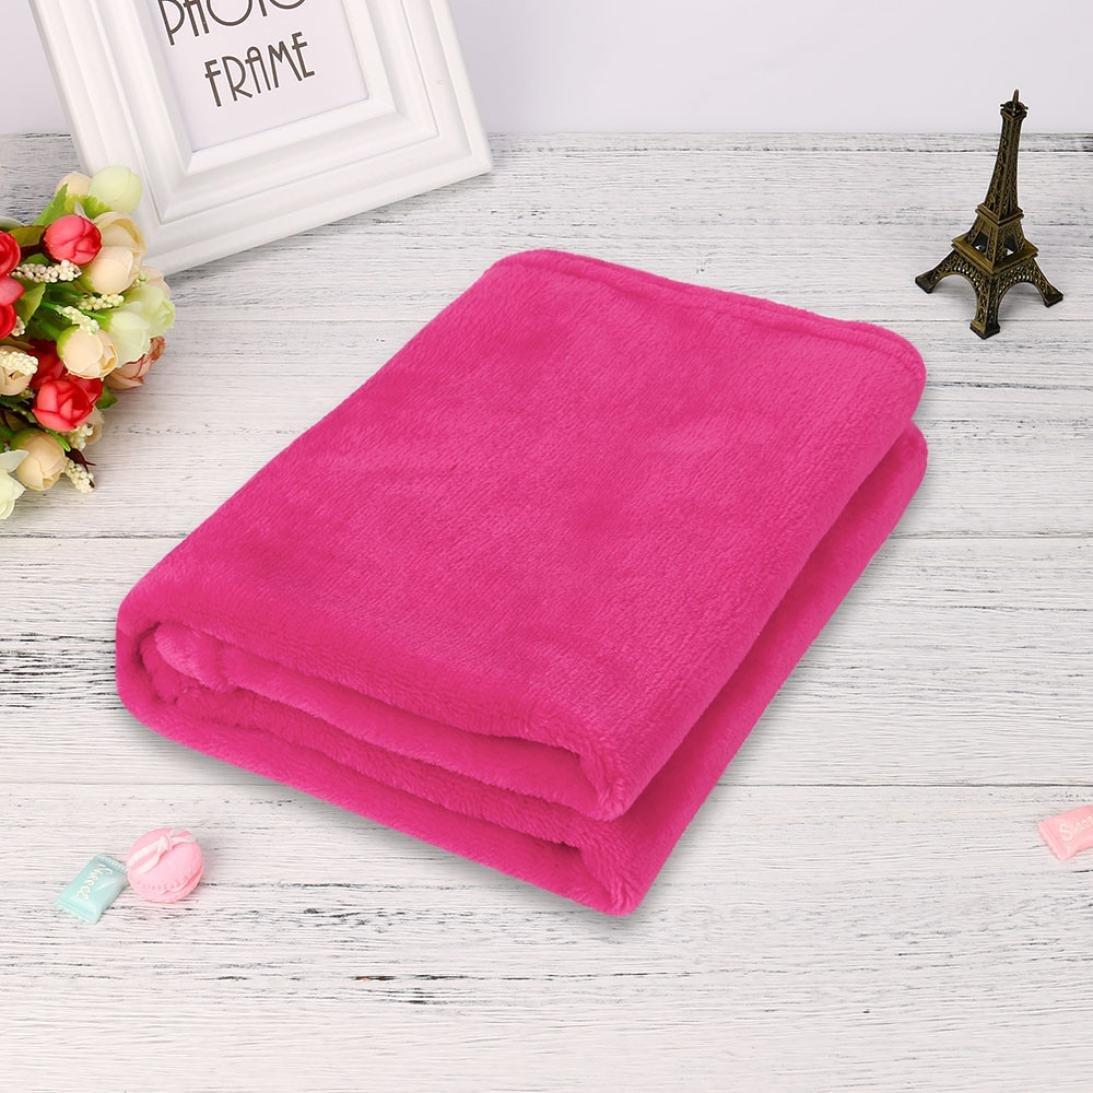 18x26 inch//45x65 cm Beige Luxury Fleece Super Soft Thermal Blanket Warm Fuzzy Microplush Lightweight Throw Blankets for Bed Sofa Kids Children Baby Nursery Sleeping